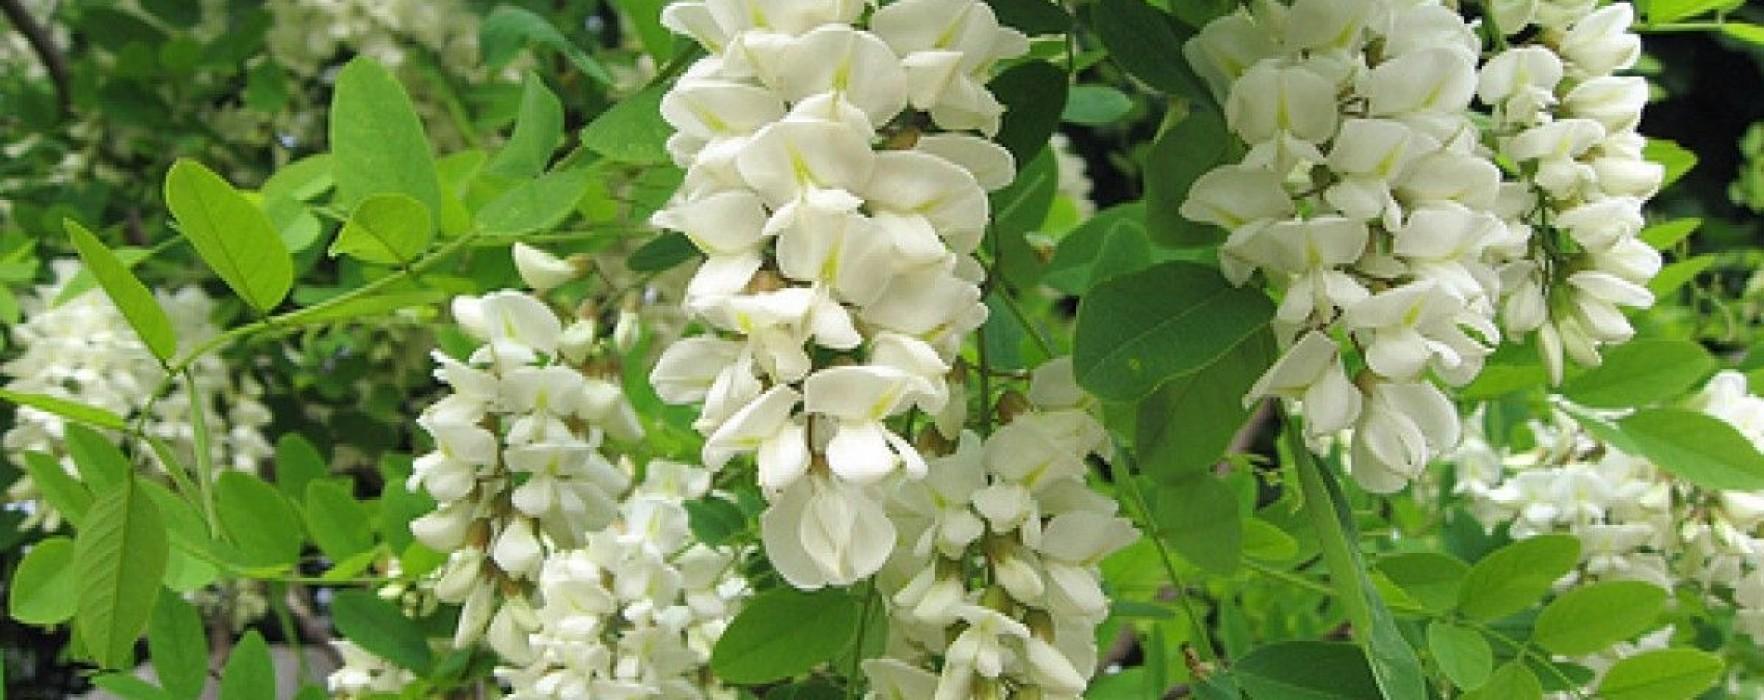 Citeşte cu poftă! – Chiftele din flori de salcâm